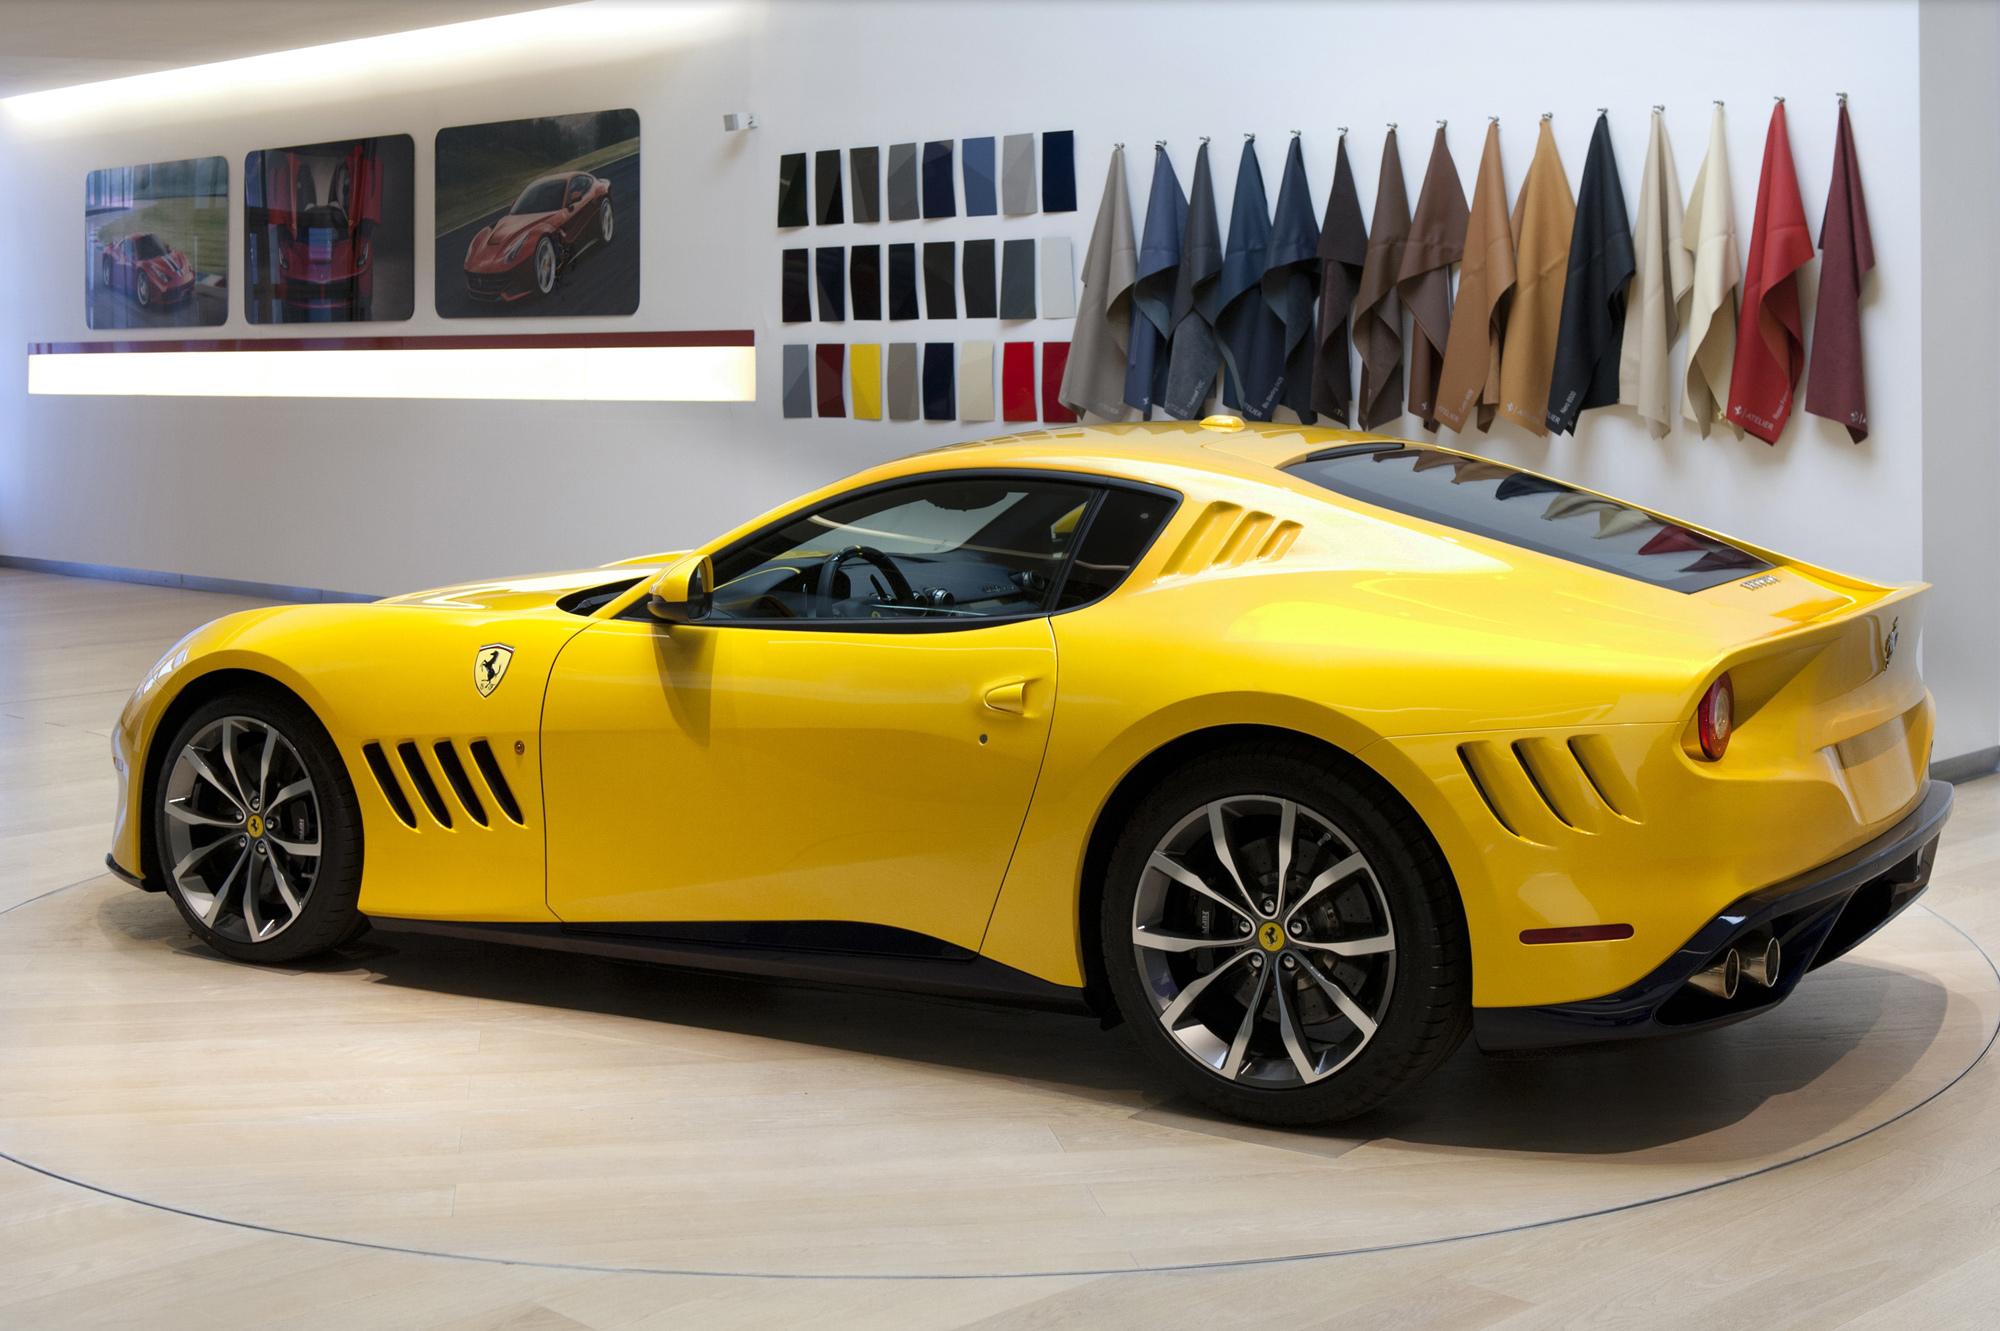 Ferrari Sp 275 Rw Competizione Hd Image Photo